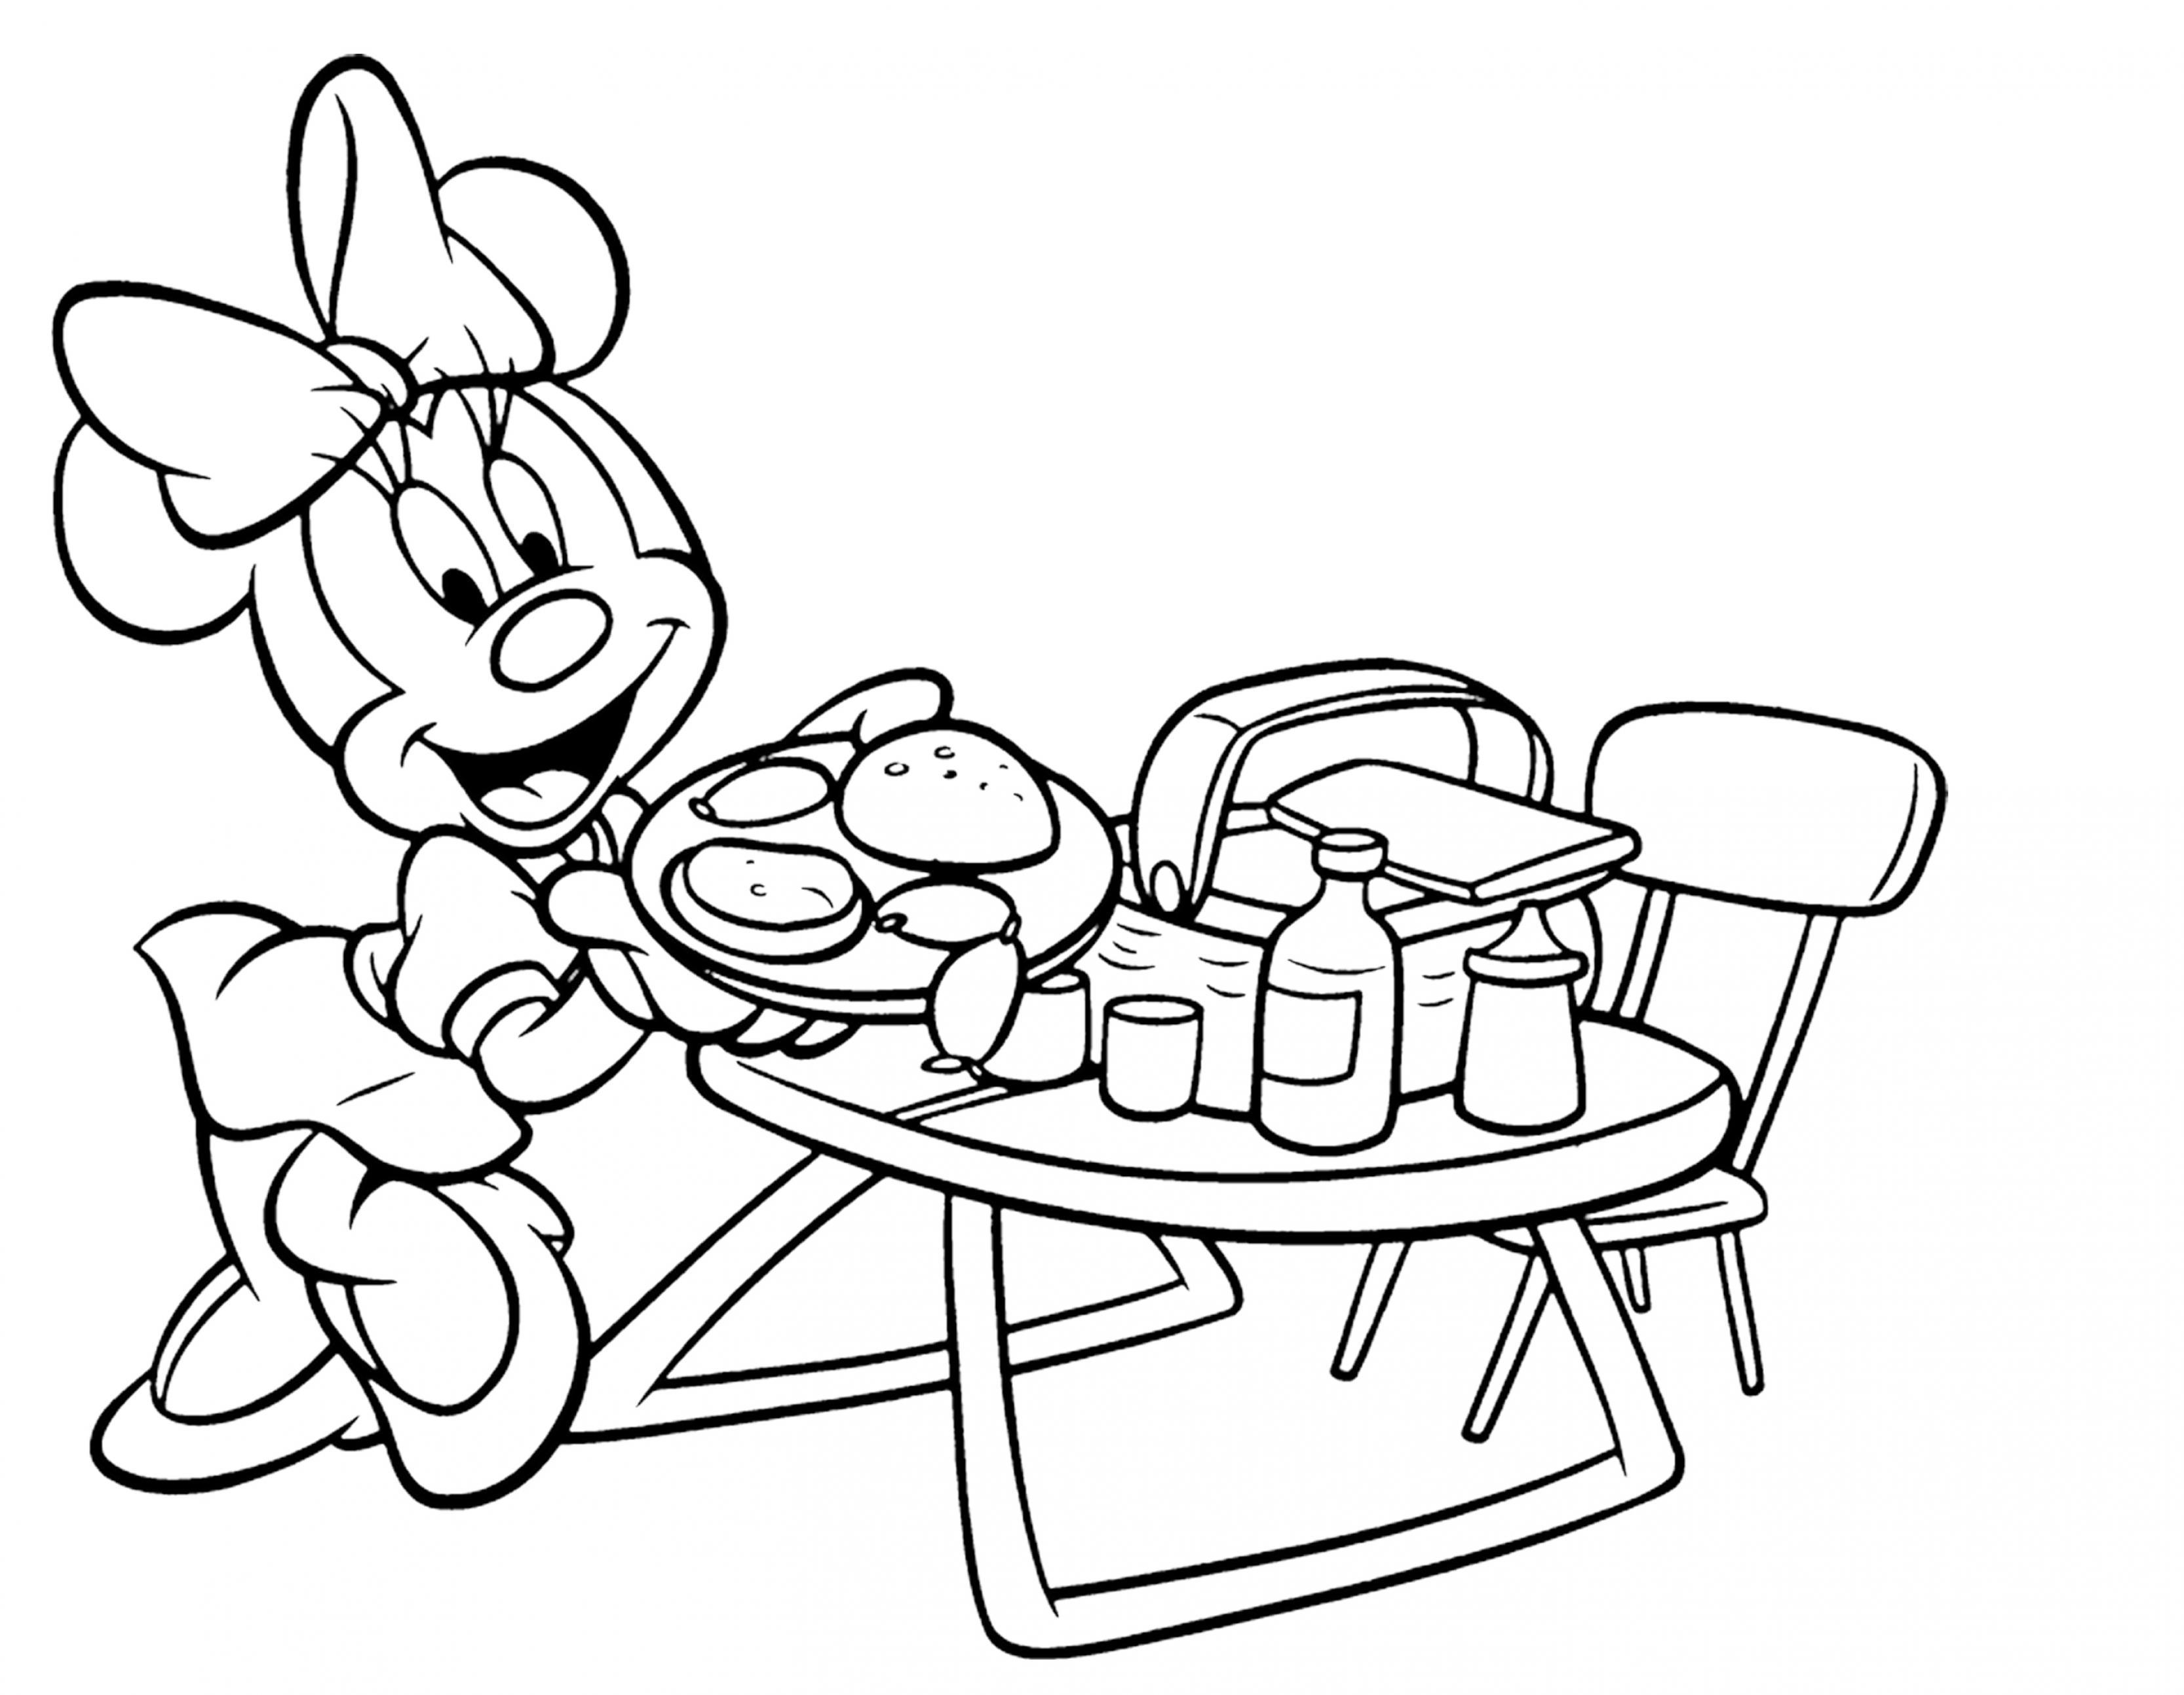 صور رسومات للتلوين للاطفال تلوين رسم اطفال 8)